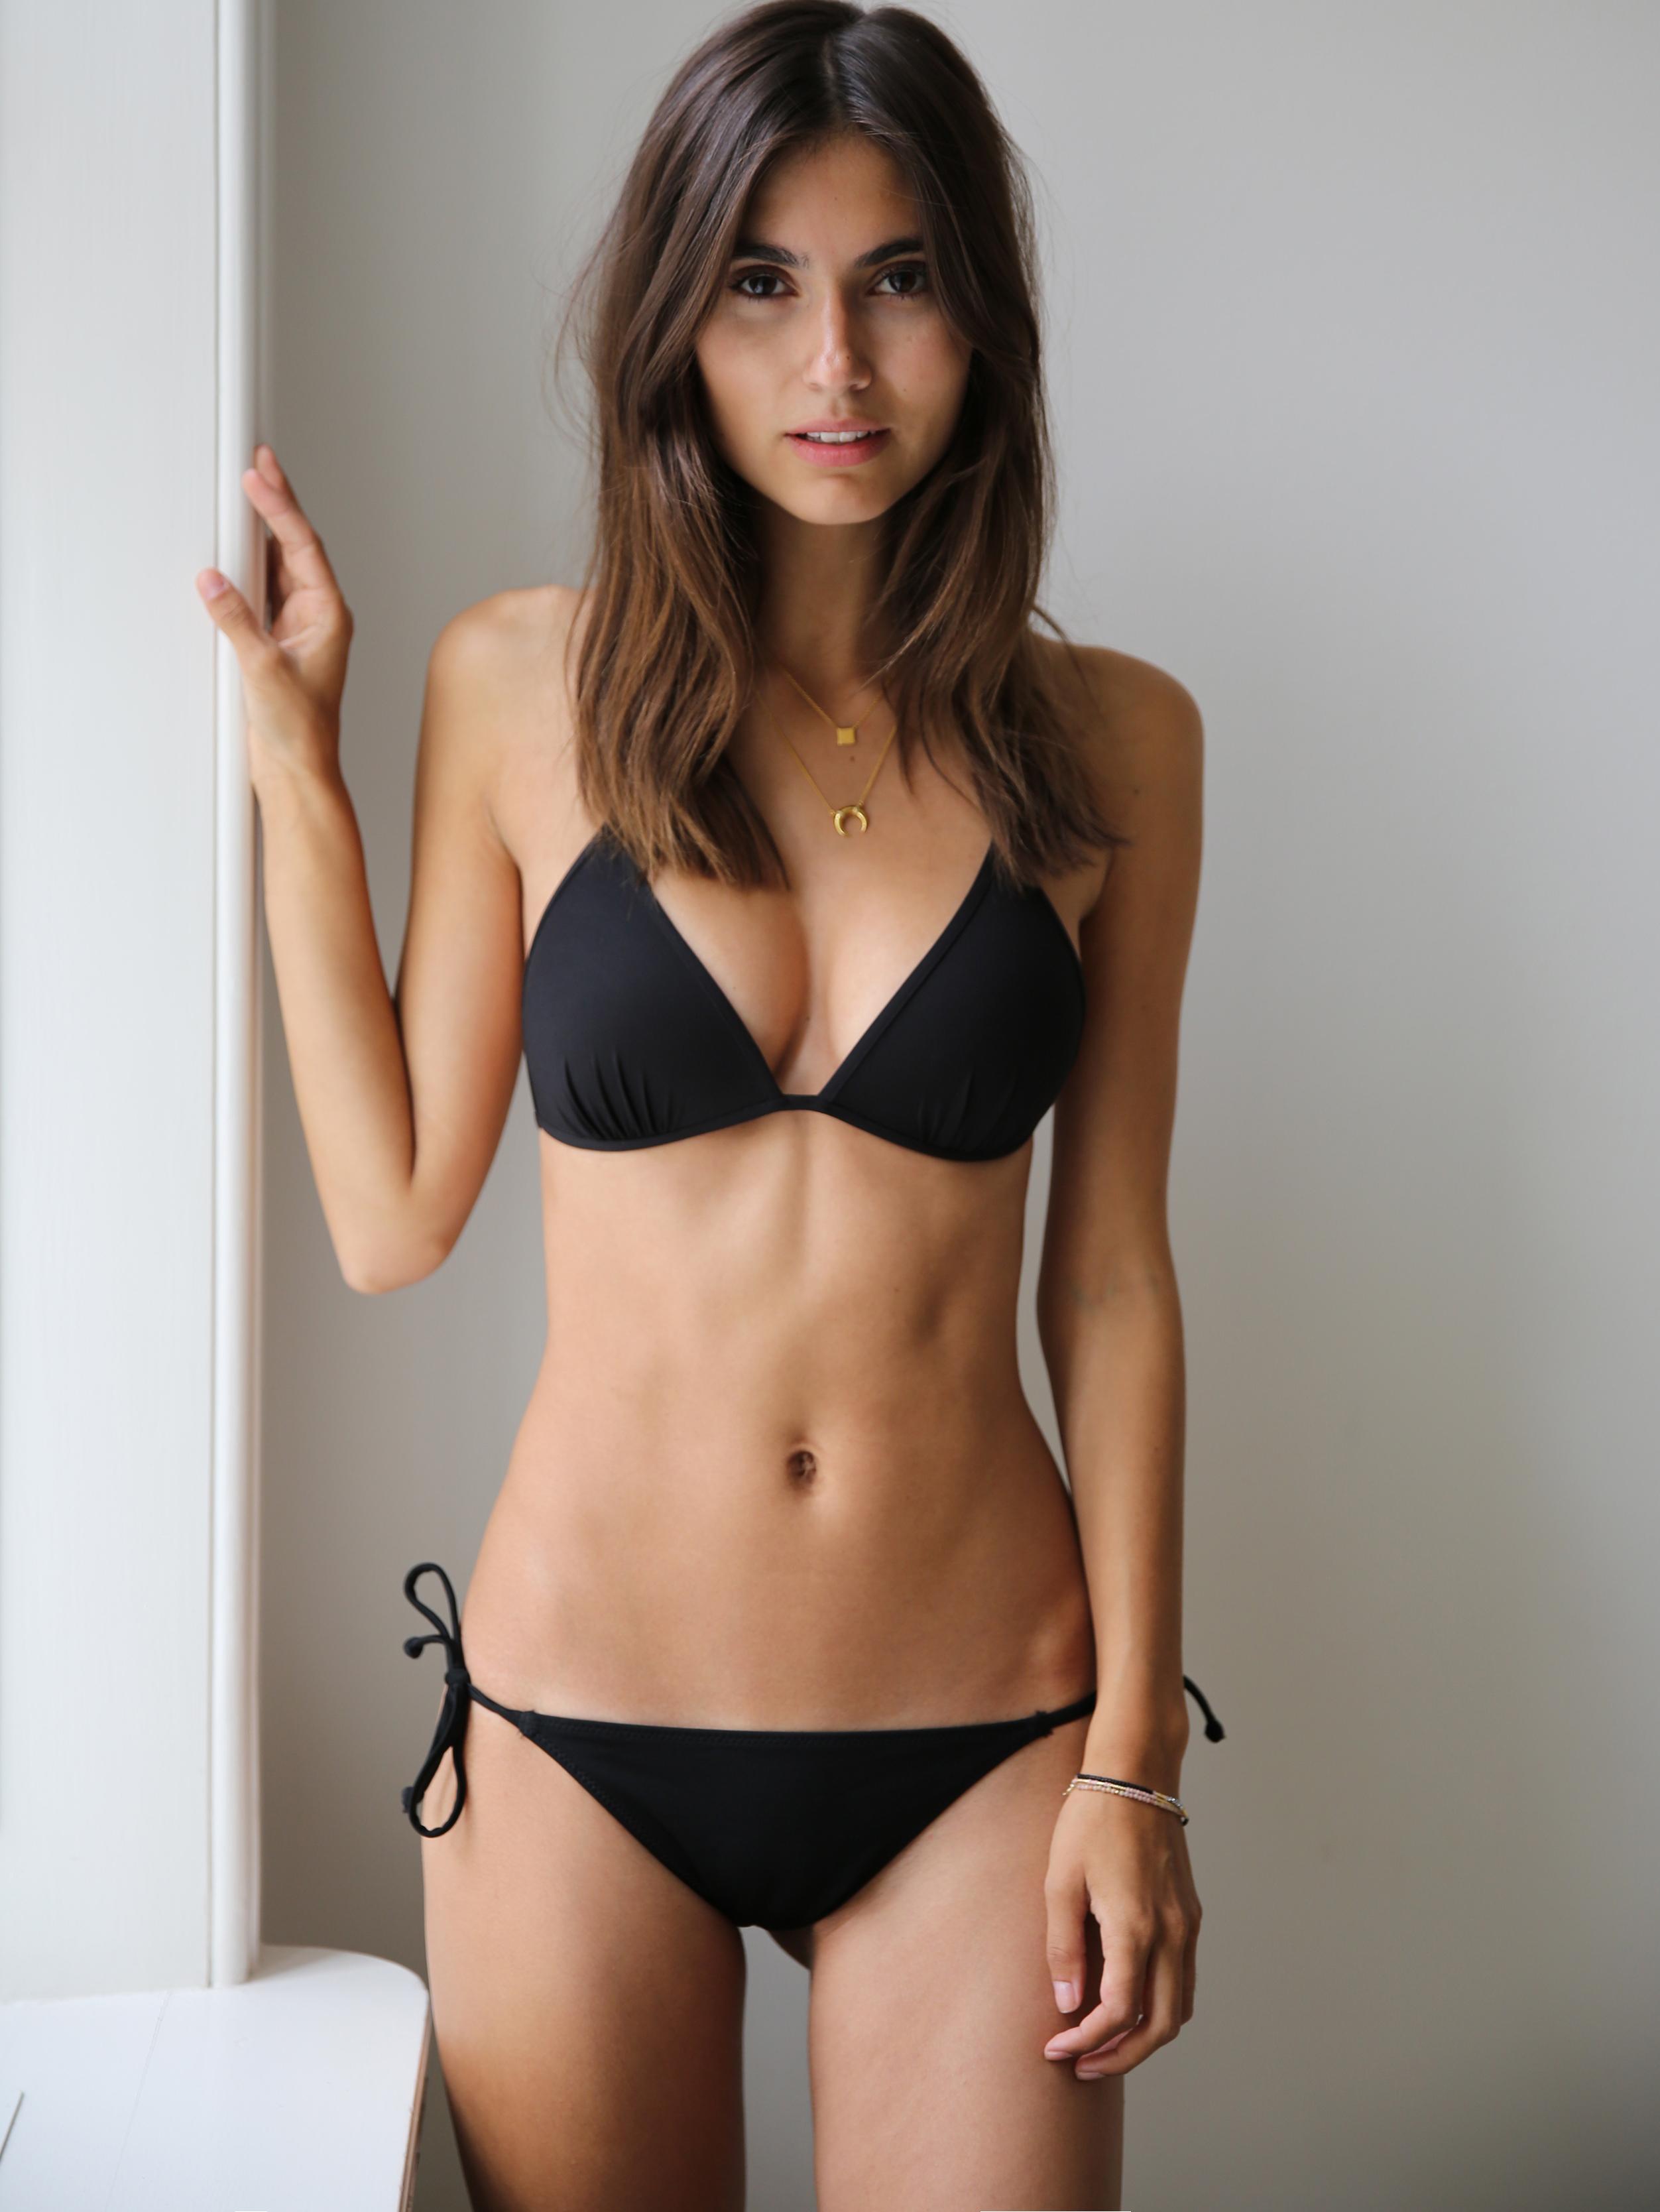 petra nagel bikini